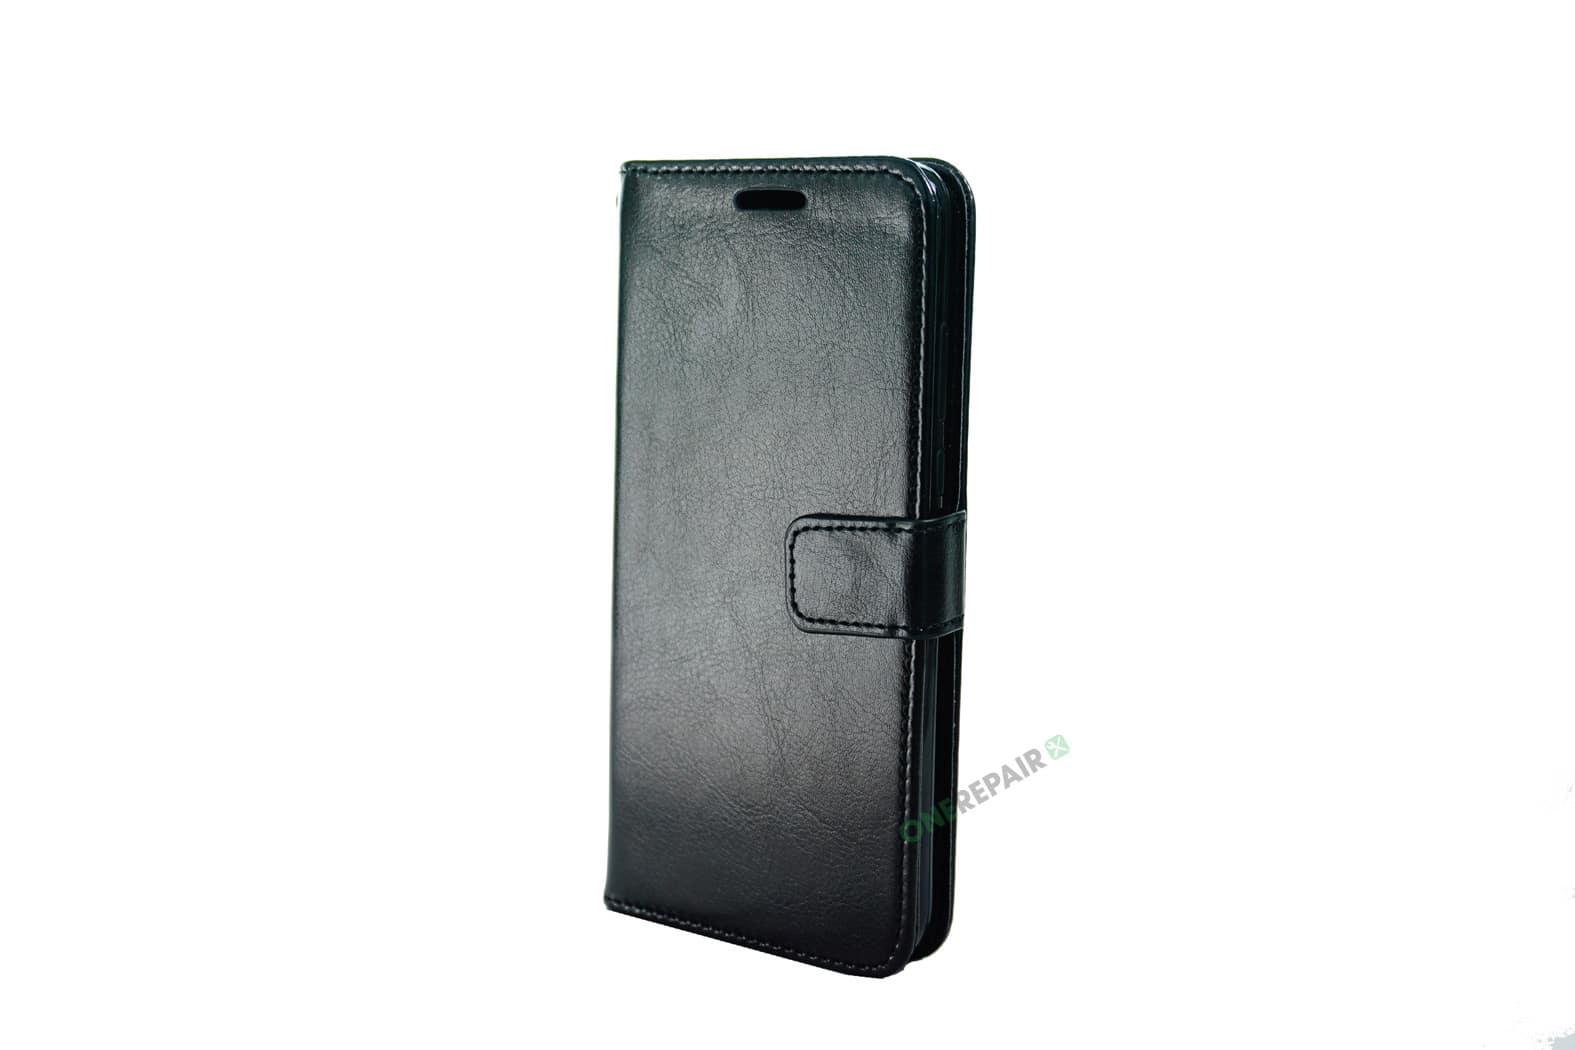 353571-001_Huawei_p30_Lite_Flipcover_Classic_cover_Plads_til_Kort_Sort_OneRepair_00002